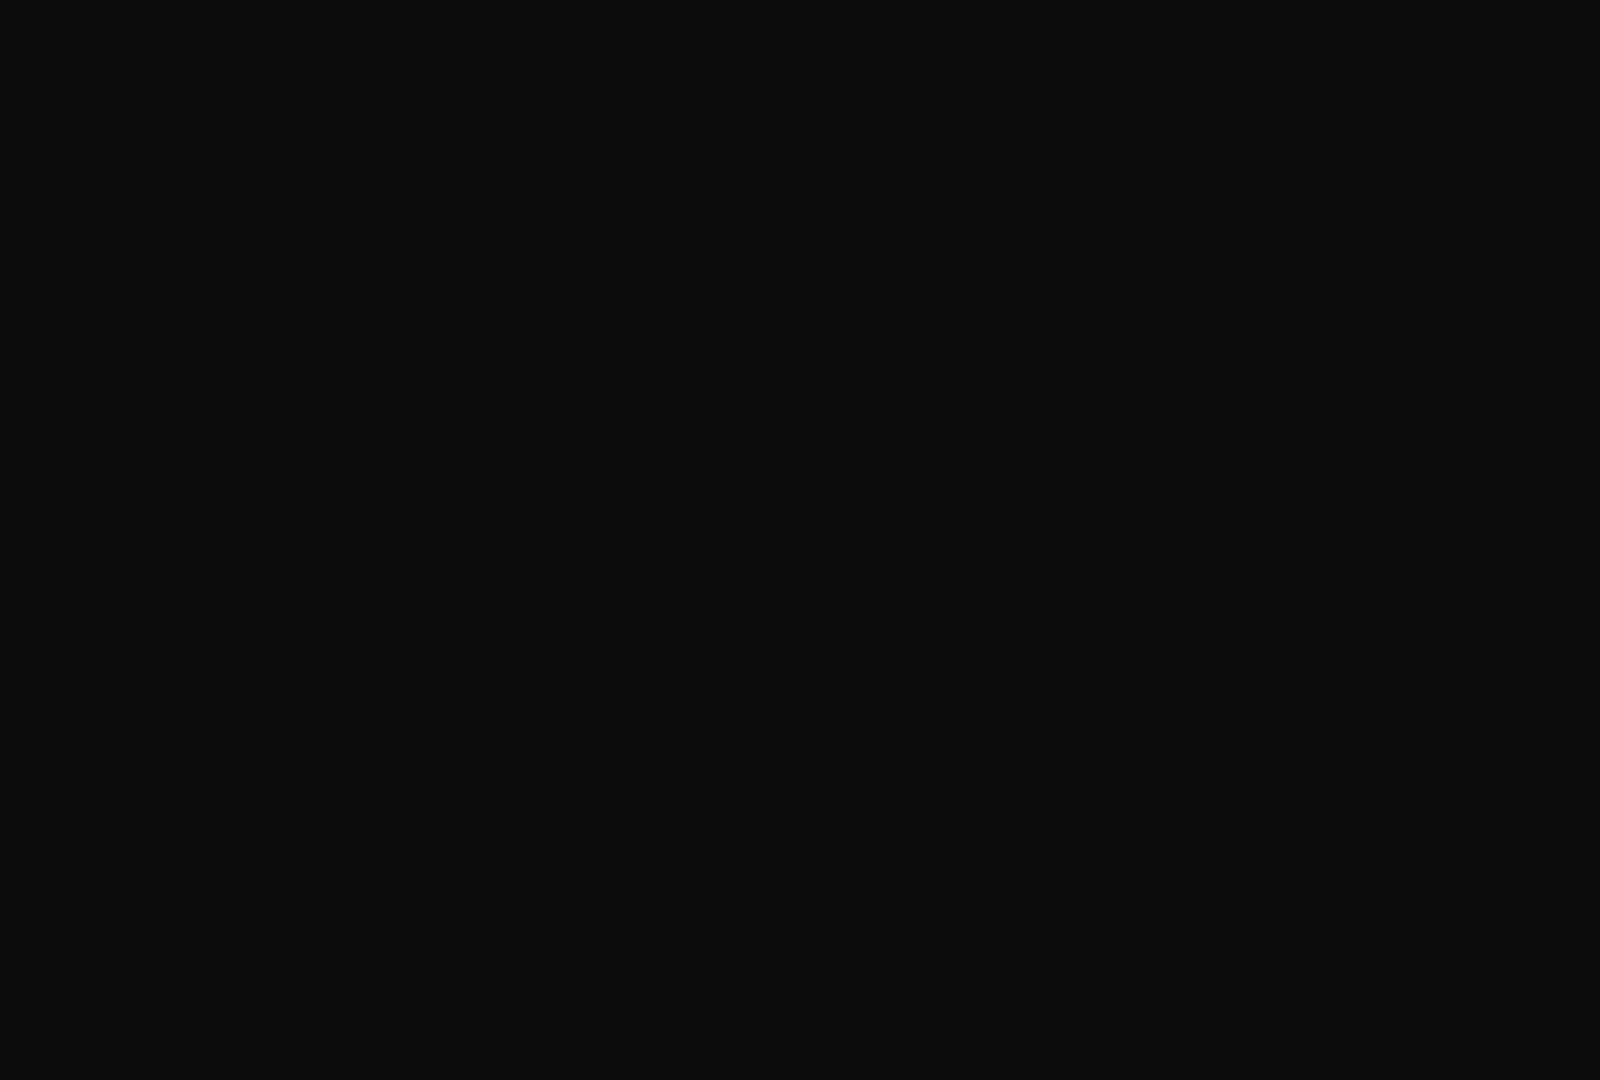 充血監督の深夜の運動会Vol.90 淫乱 すけべAV動画紹介 107画像 19